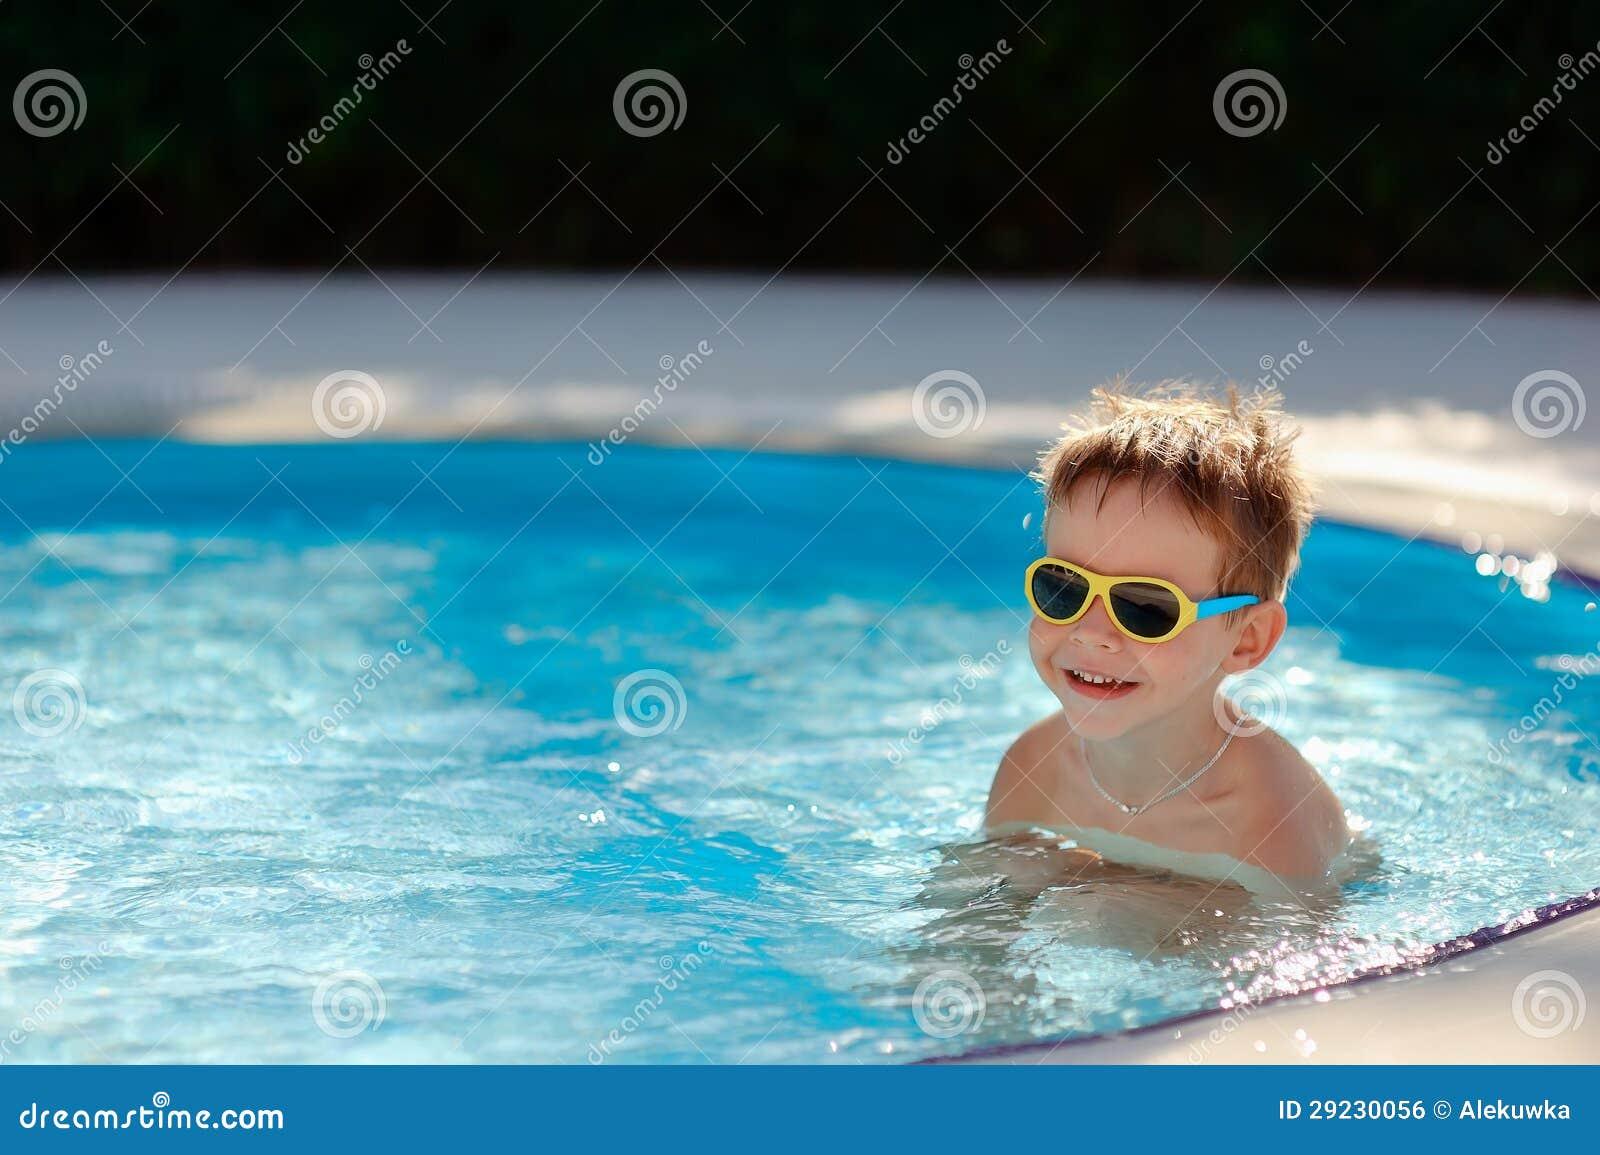 Download Divertimento na água foto de stock. Imagem de ativo, cheerful - 29230056